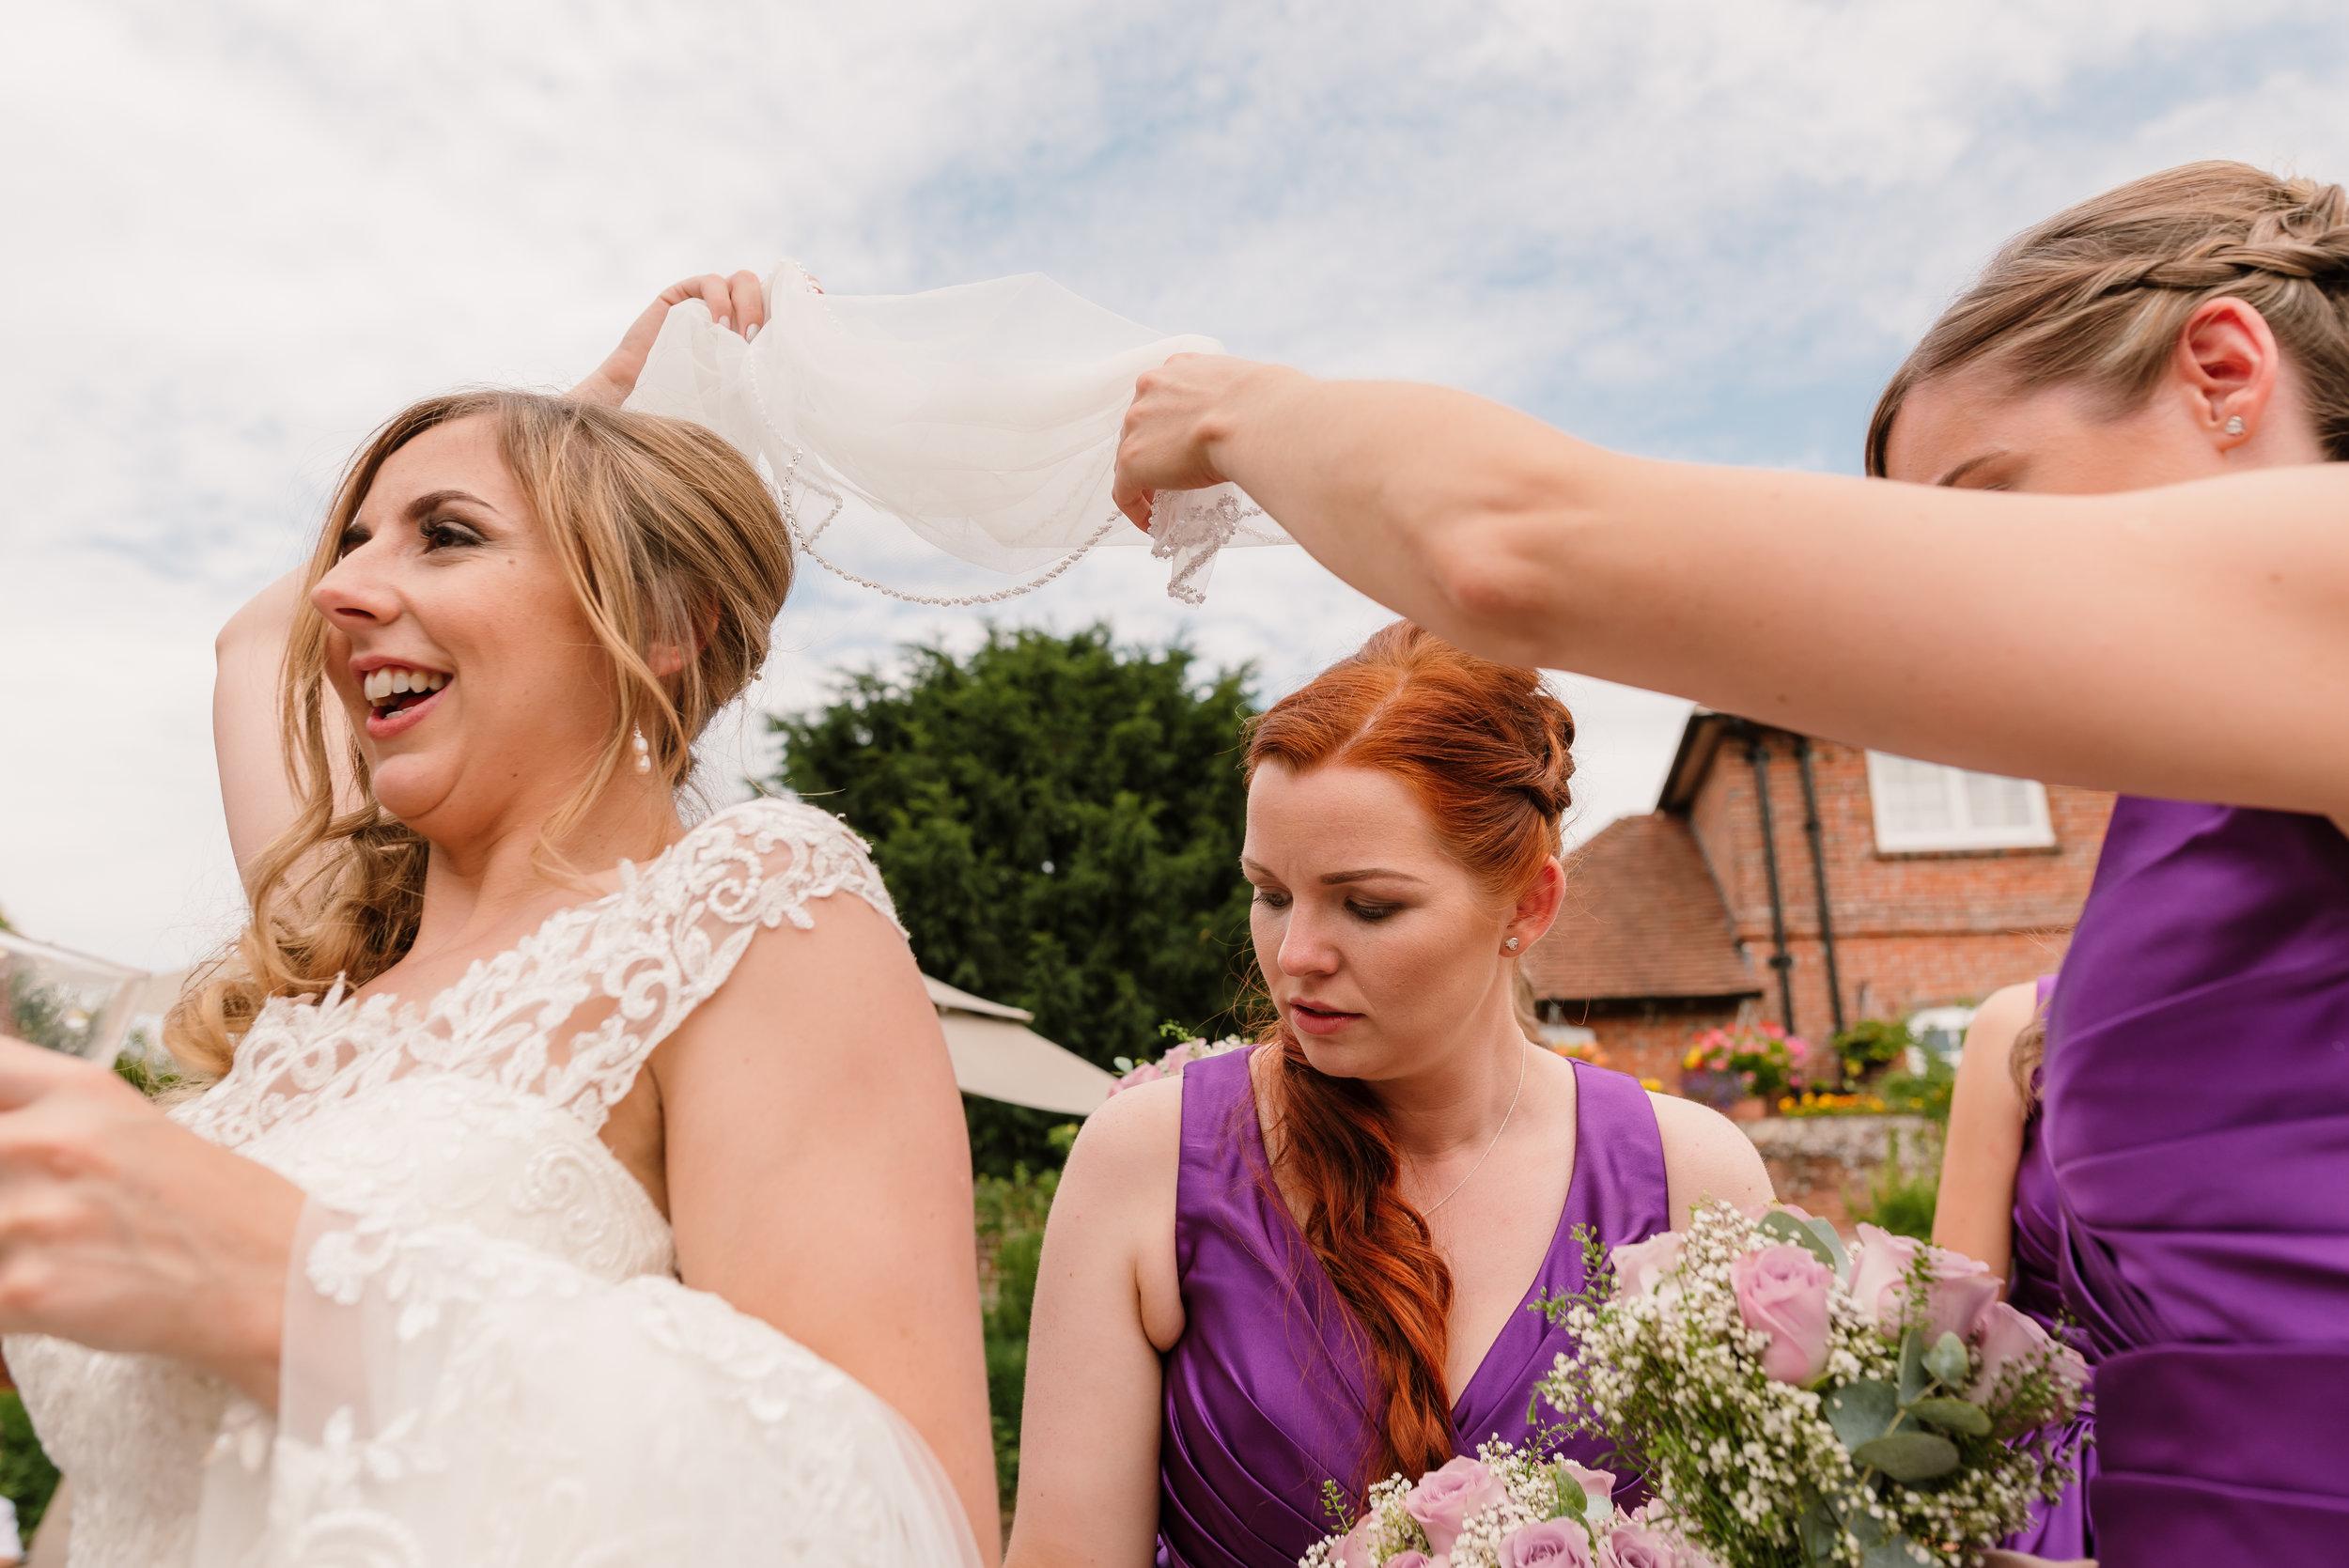 Hampshire Wedding Photographer Hampshire : Ufton-Court-Wedding : Barn-wedding-venue-hampshire : sarah-fishlock-photography : hampshire-barn-wedding-671.jpg